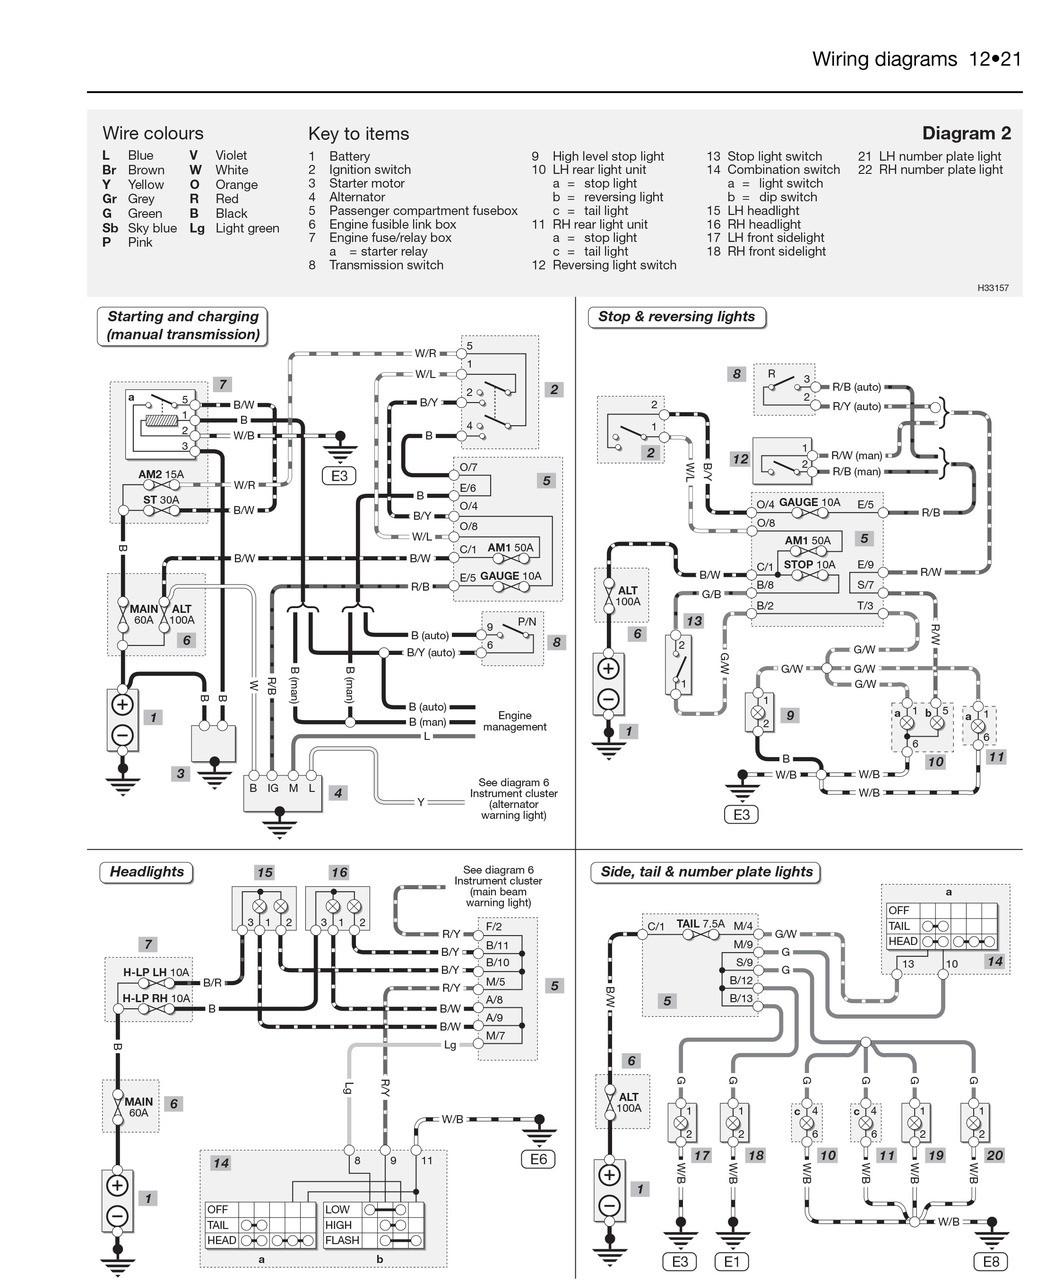 wiring diagram toyota yaris 2008 wiring diagram 2007 toyota yaris headlight wiring diagram 2007 toyota yaris wiring diagram #9